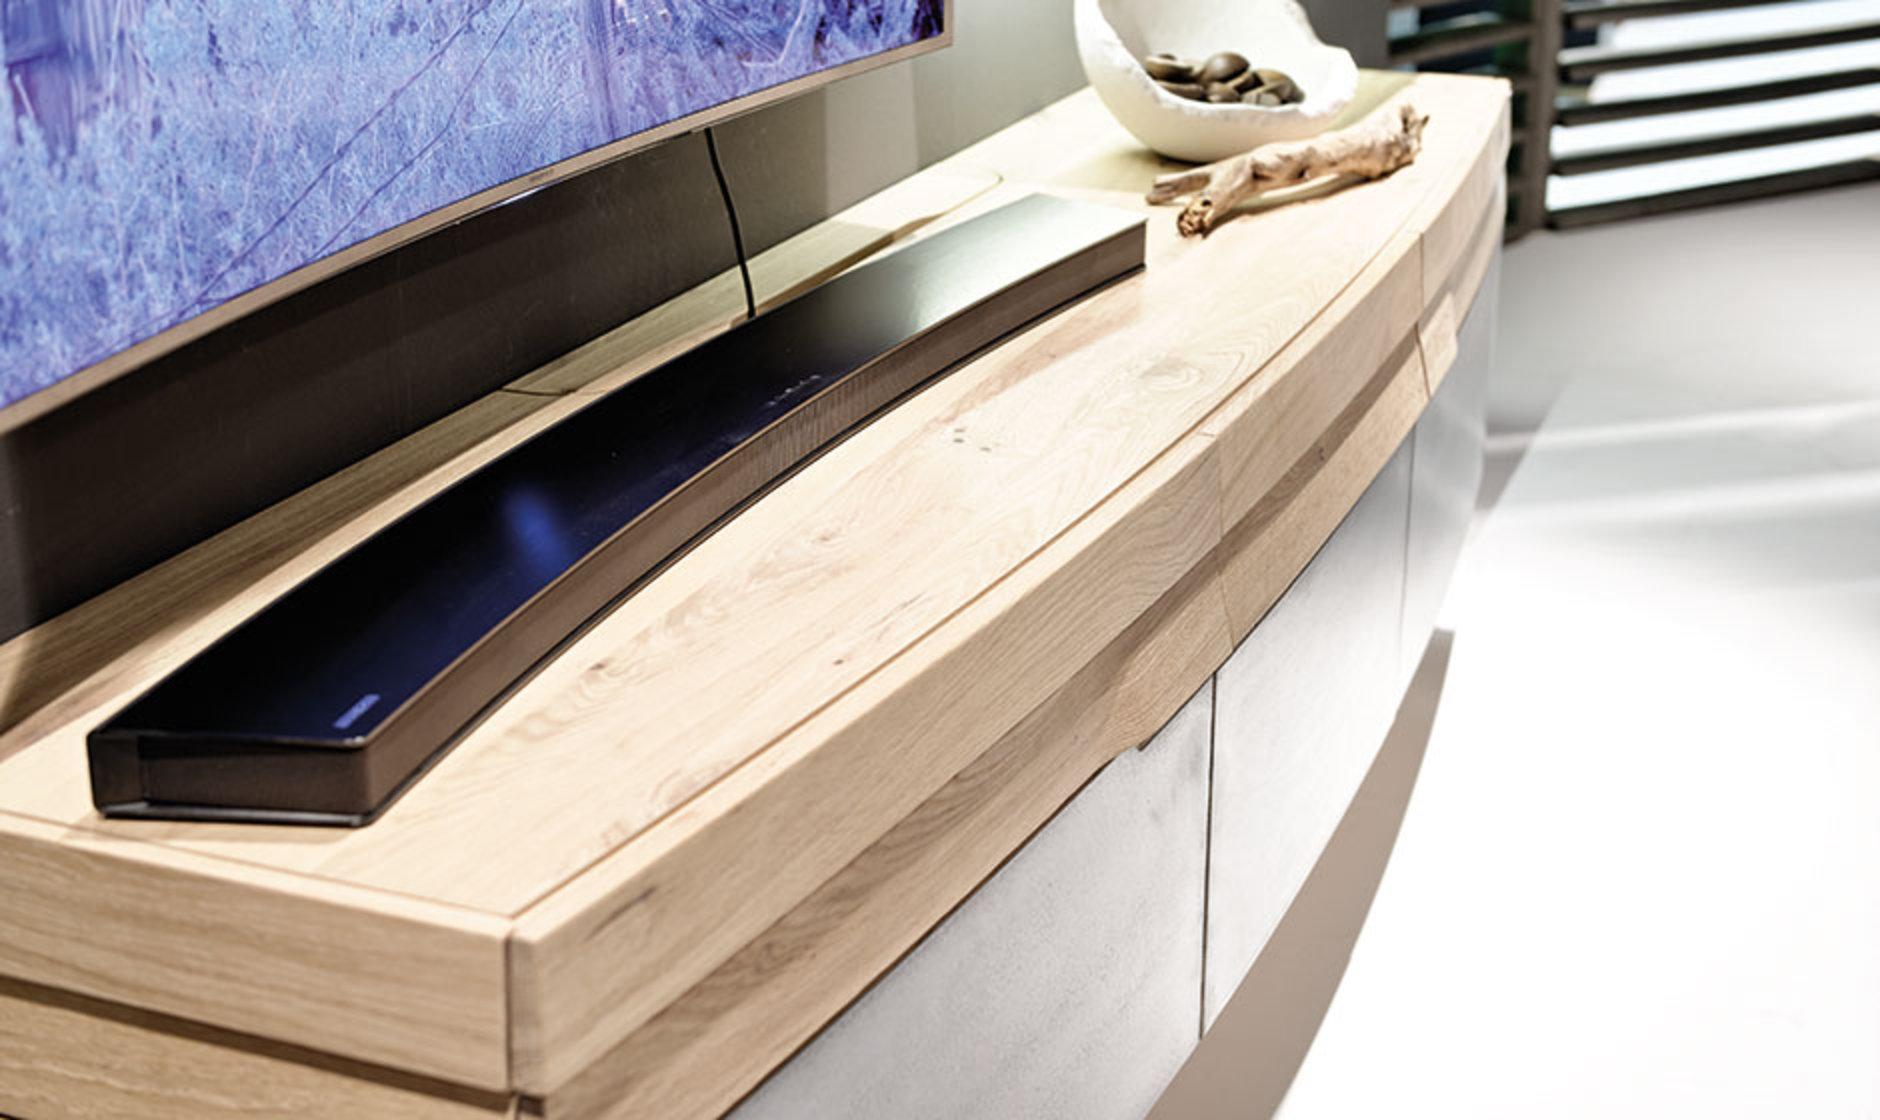 sideboard voglauer v organo boschung. Black Bedroom Furniture Sets. Home Design Ideas